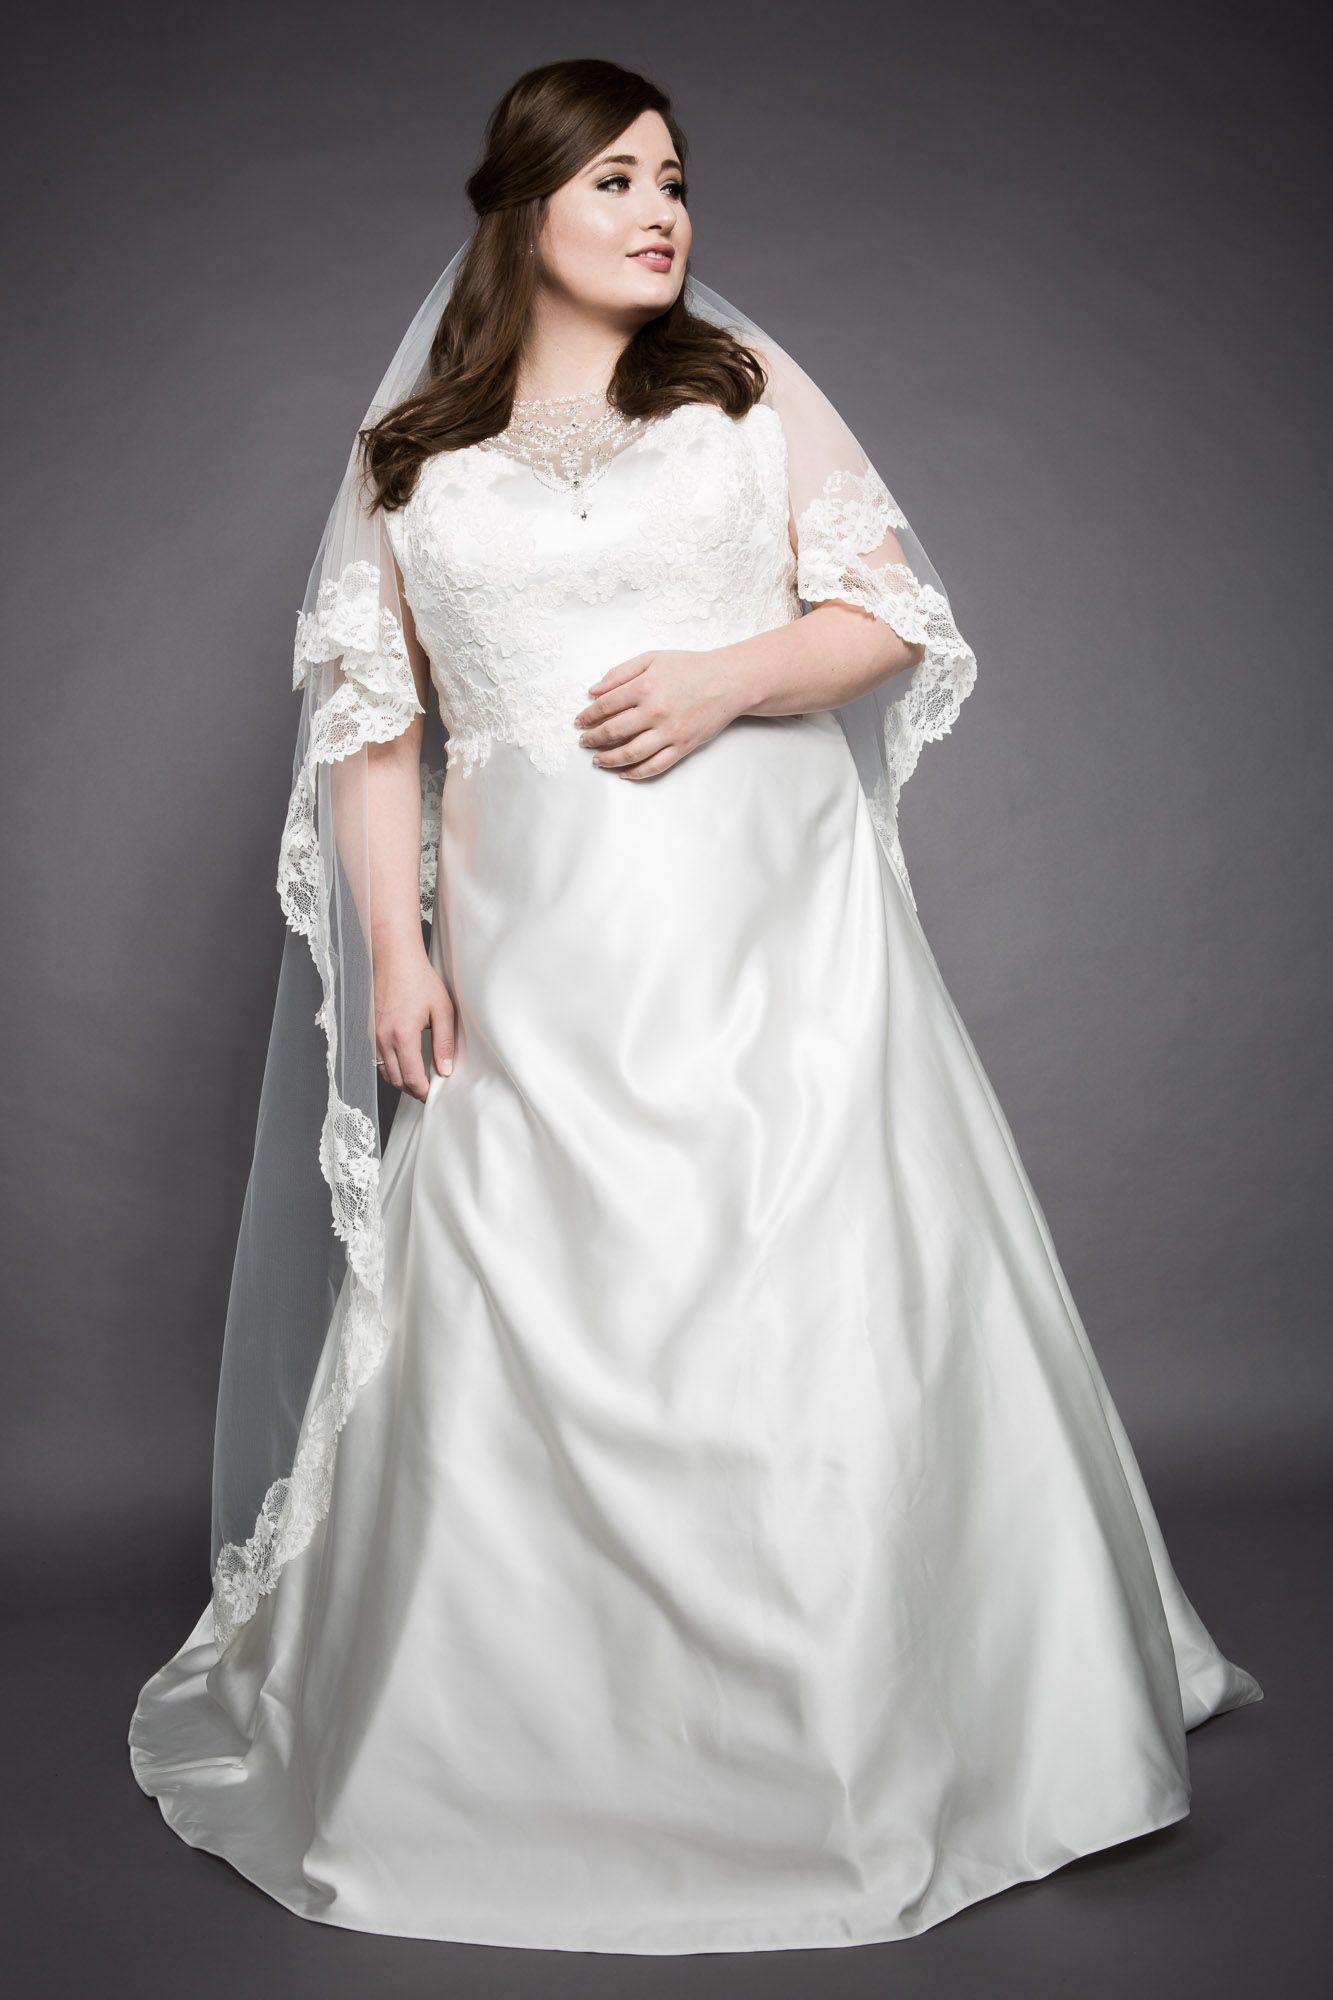 Der Concept Store Vollkommen Braut hat wunderschöne Hochzeitskleider ...